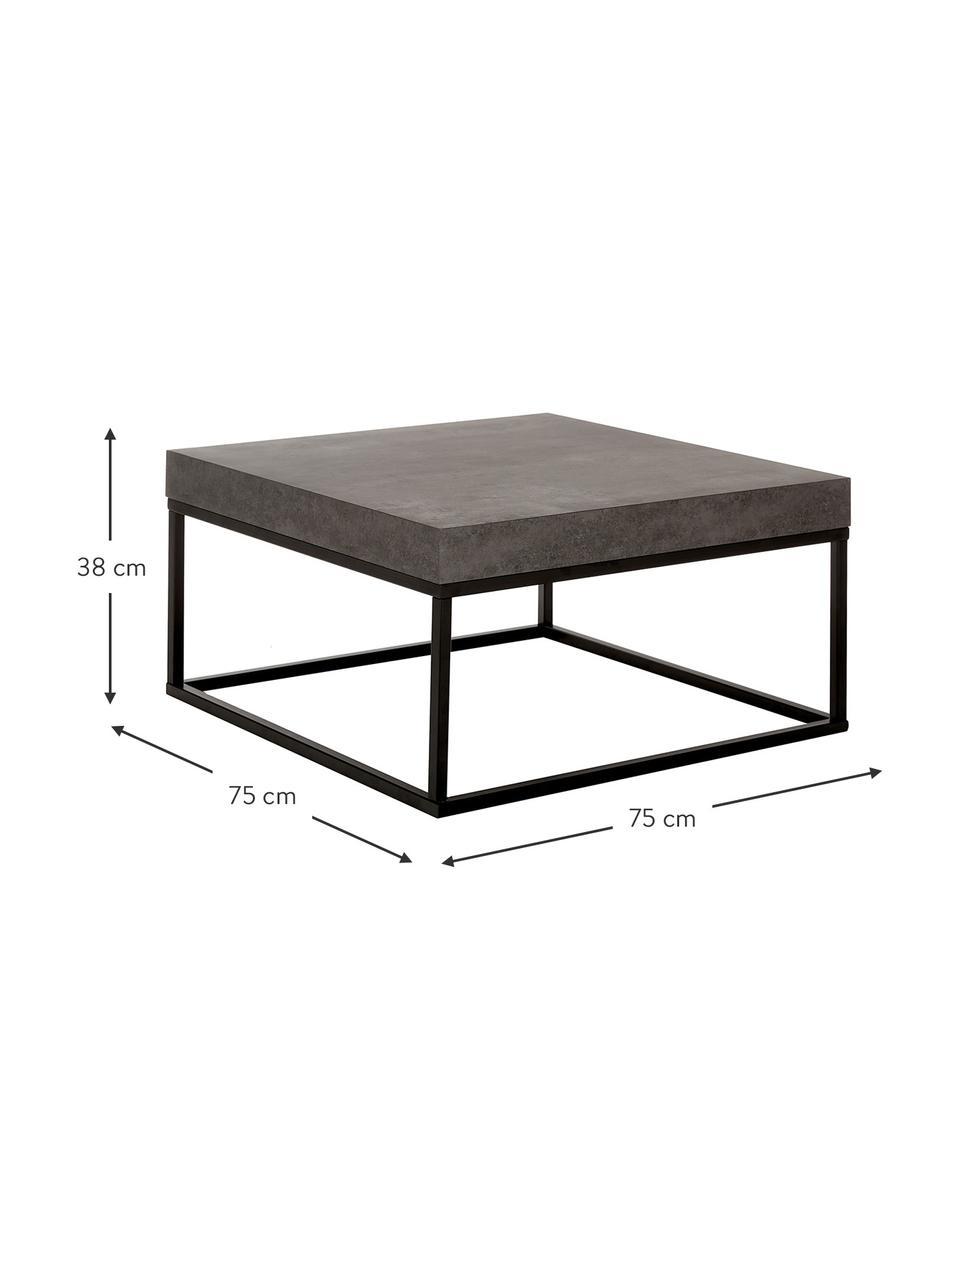 Tavolino da salotto effetto cemento Ellis, Piano d'appoggio: struttura a nido d'ape le, Struttura: metallo verniciato, Aspetto concreto, Larg. 75 x Alt. 38 cm